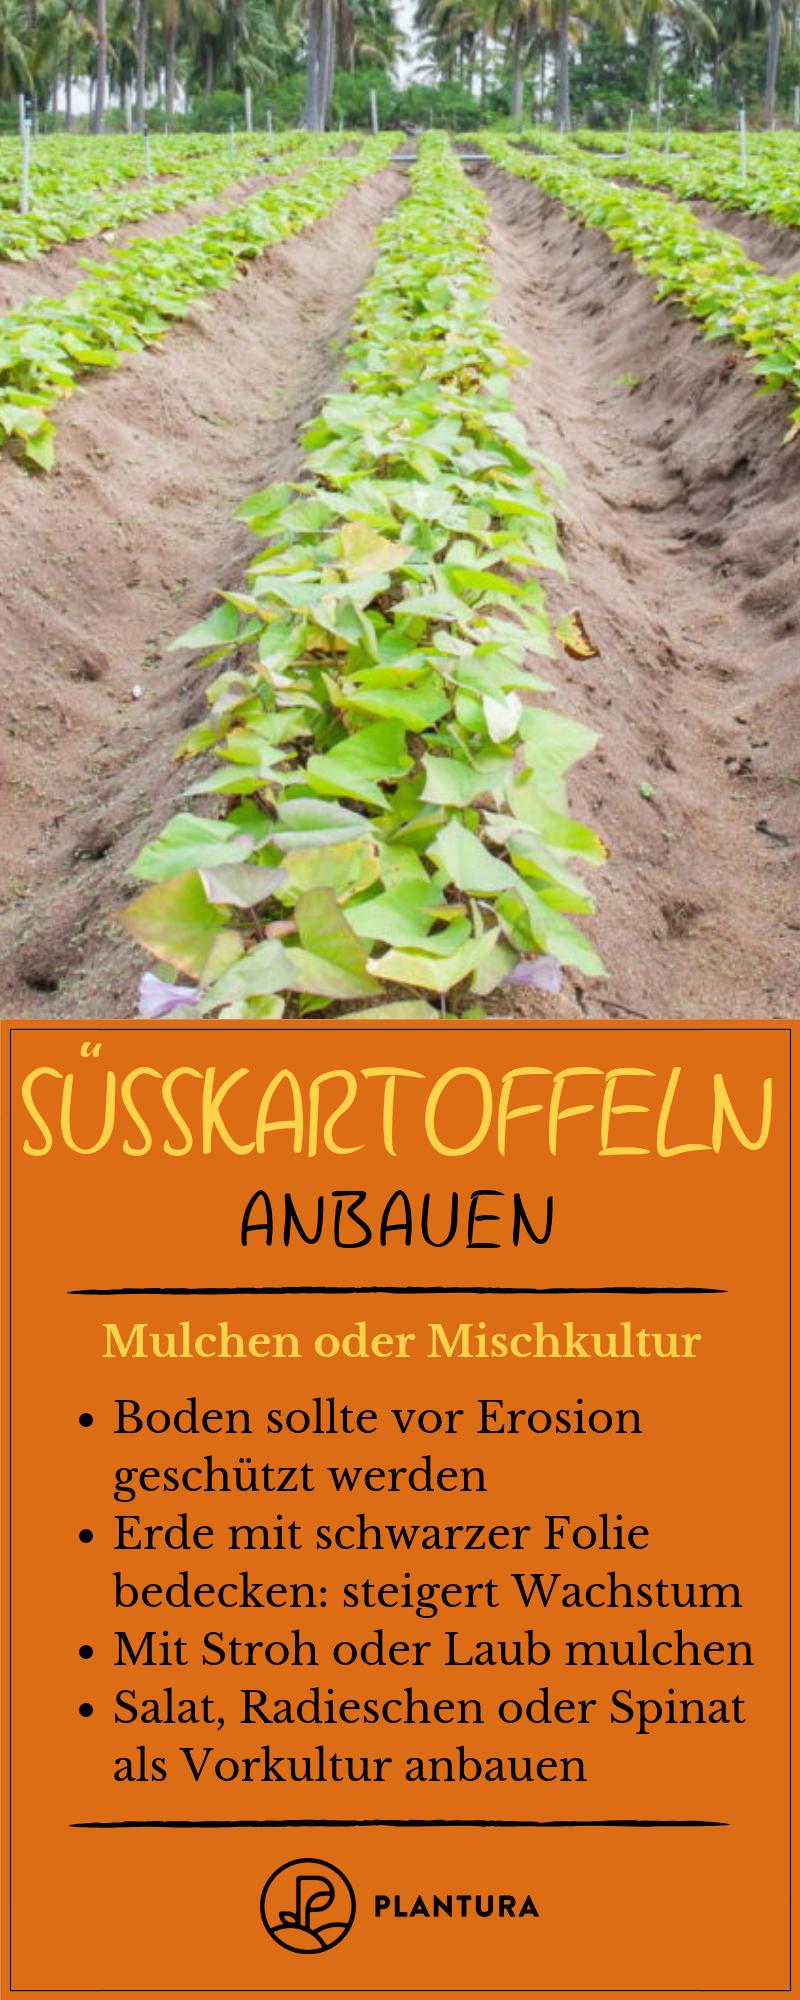 Susskartoffeln Anbauen Tipps Zum Pflanzen Im Garten Susskartoffeln Anbauen Susskartoffeln Pflanzen Pflanzen